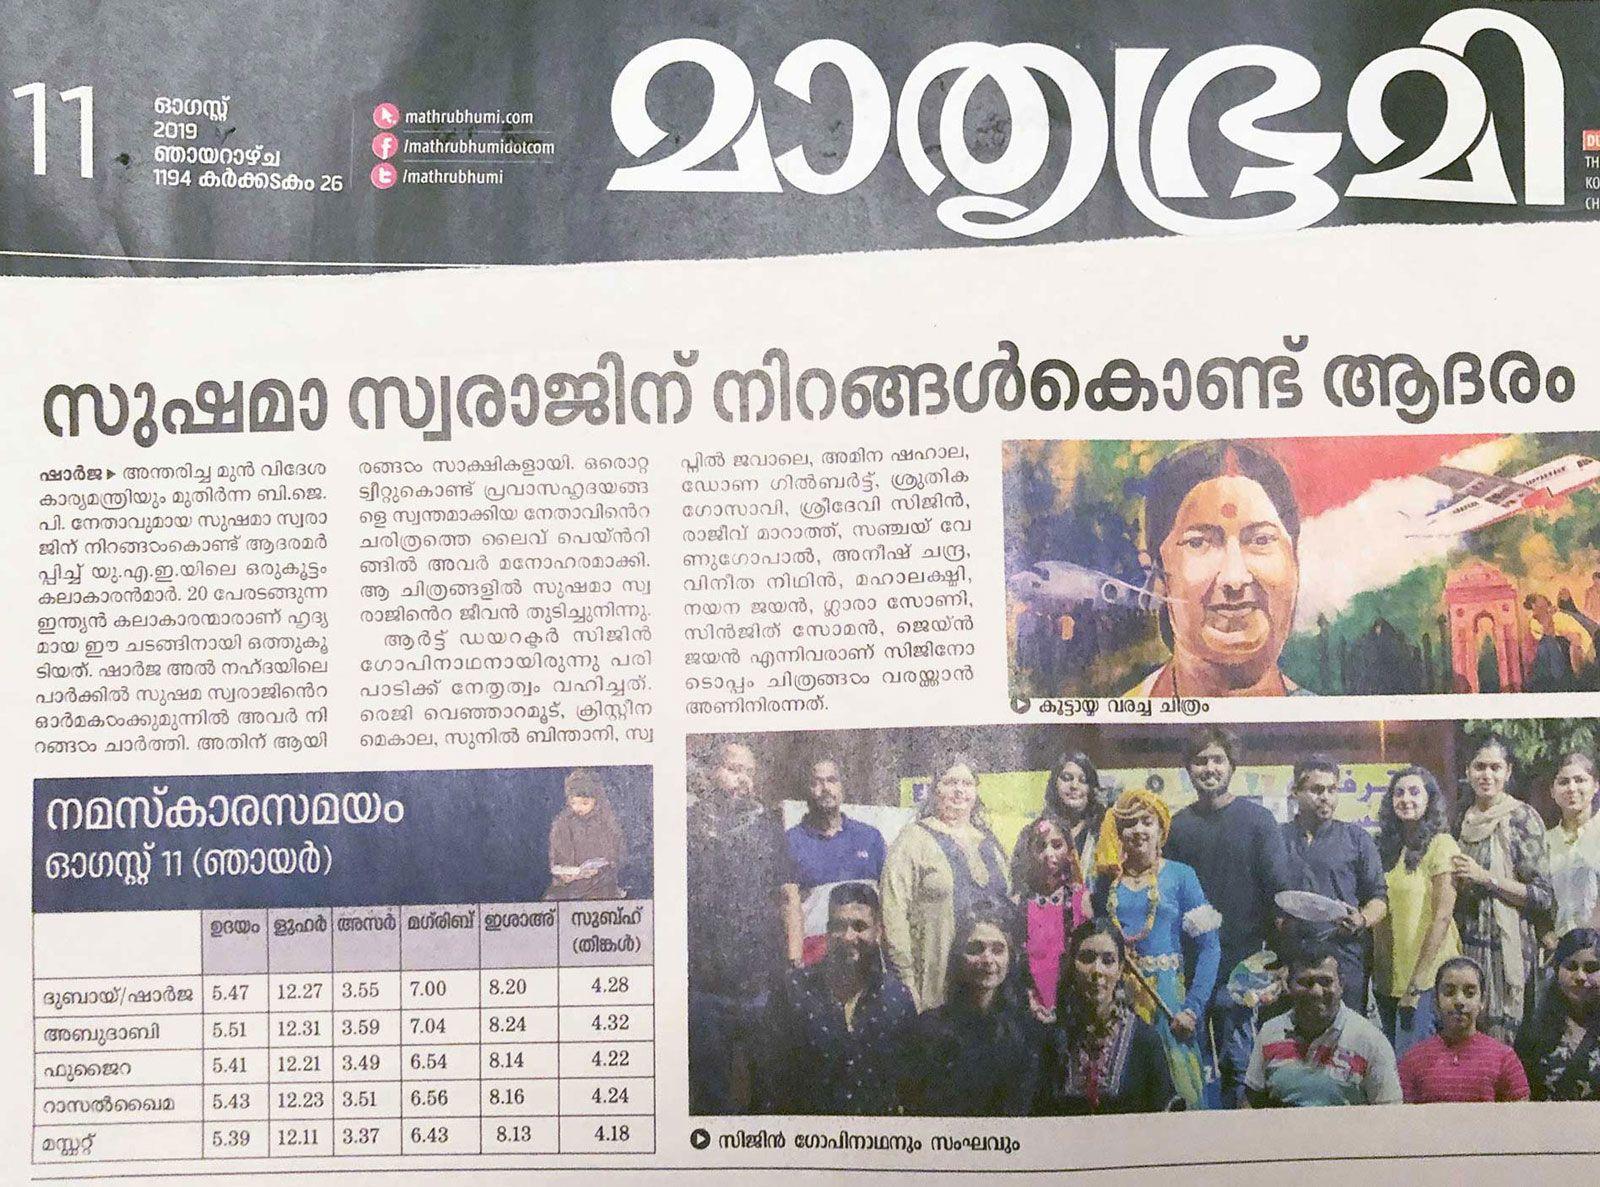 സുഷമ സ്വരാജിന് നിറകൾകൊണ്ട് ആദരം - mathrubumi newspaper